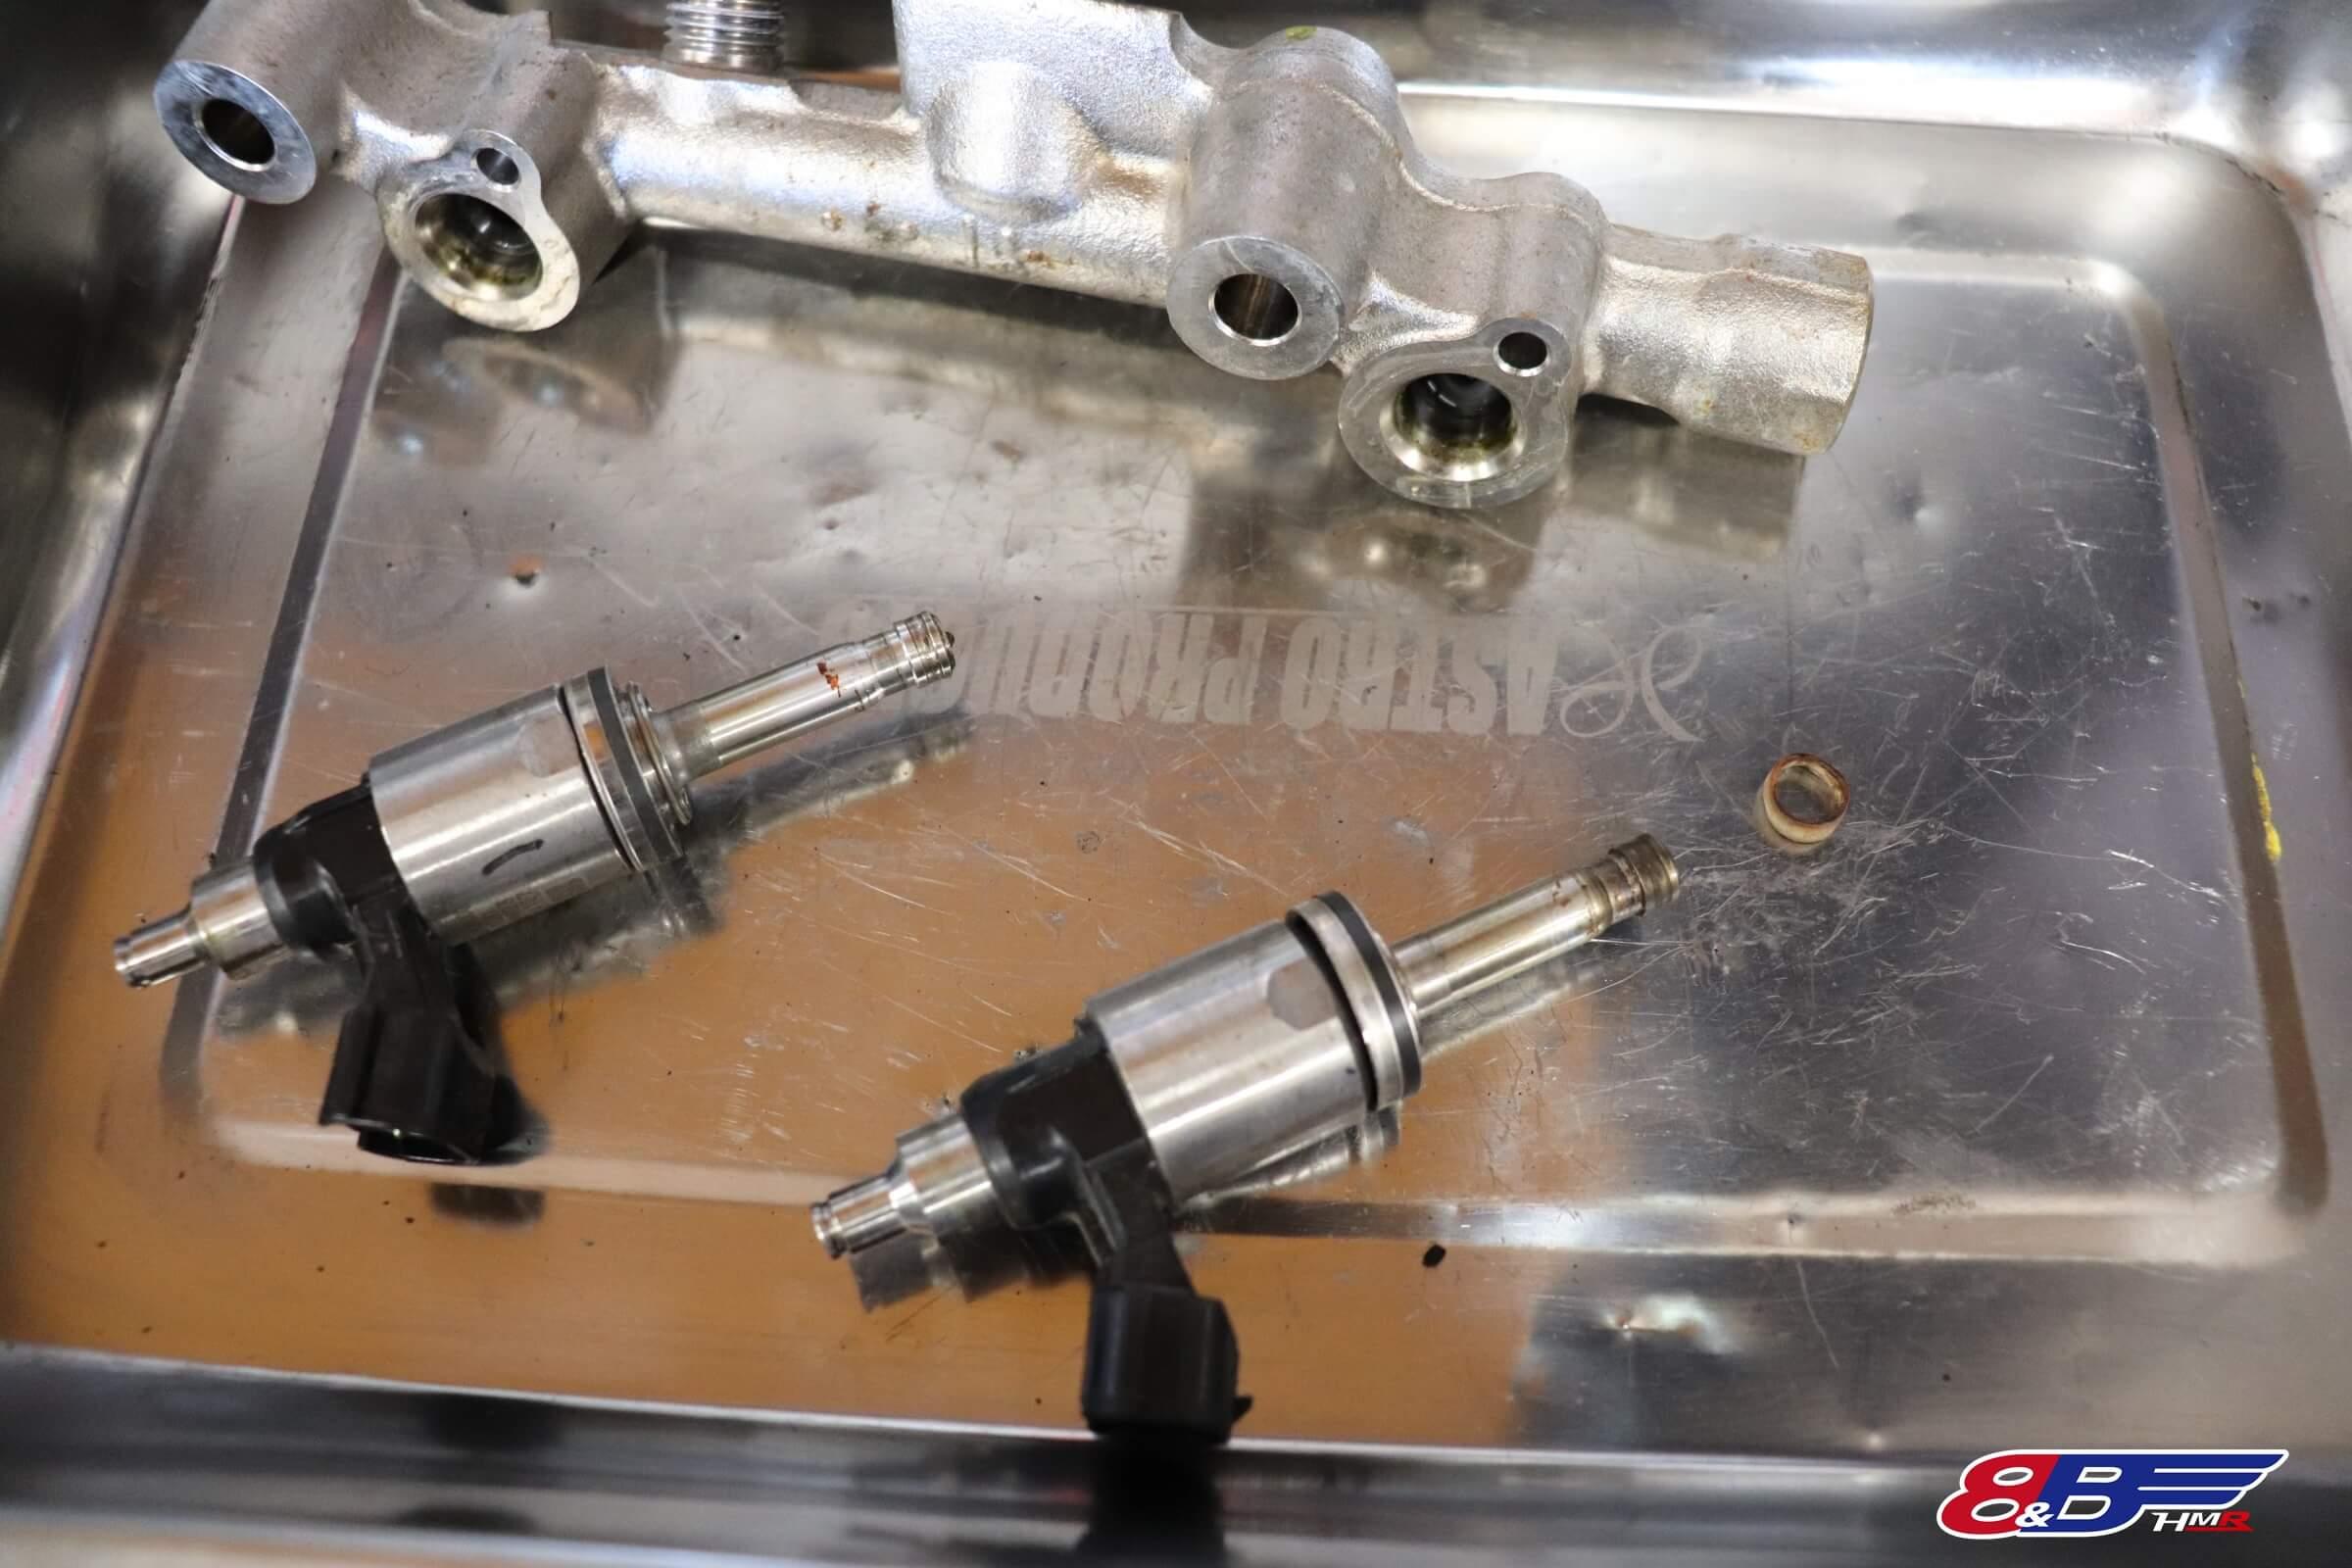 86 BRZ 強化インジェクターシール交換 オートファクトリー